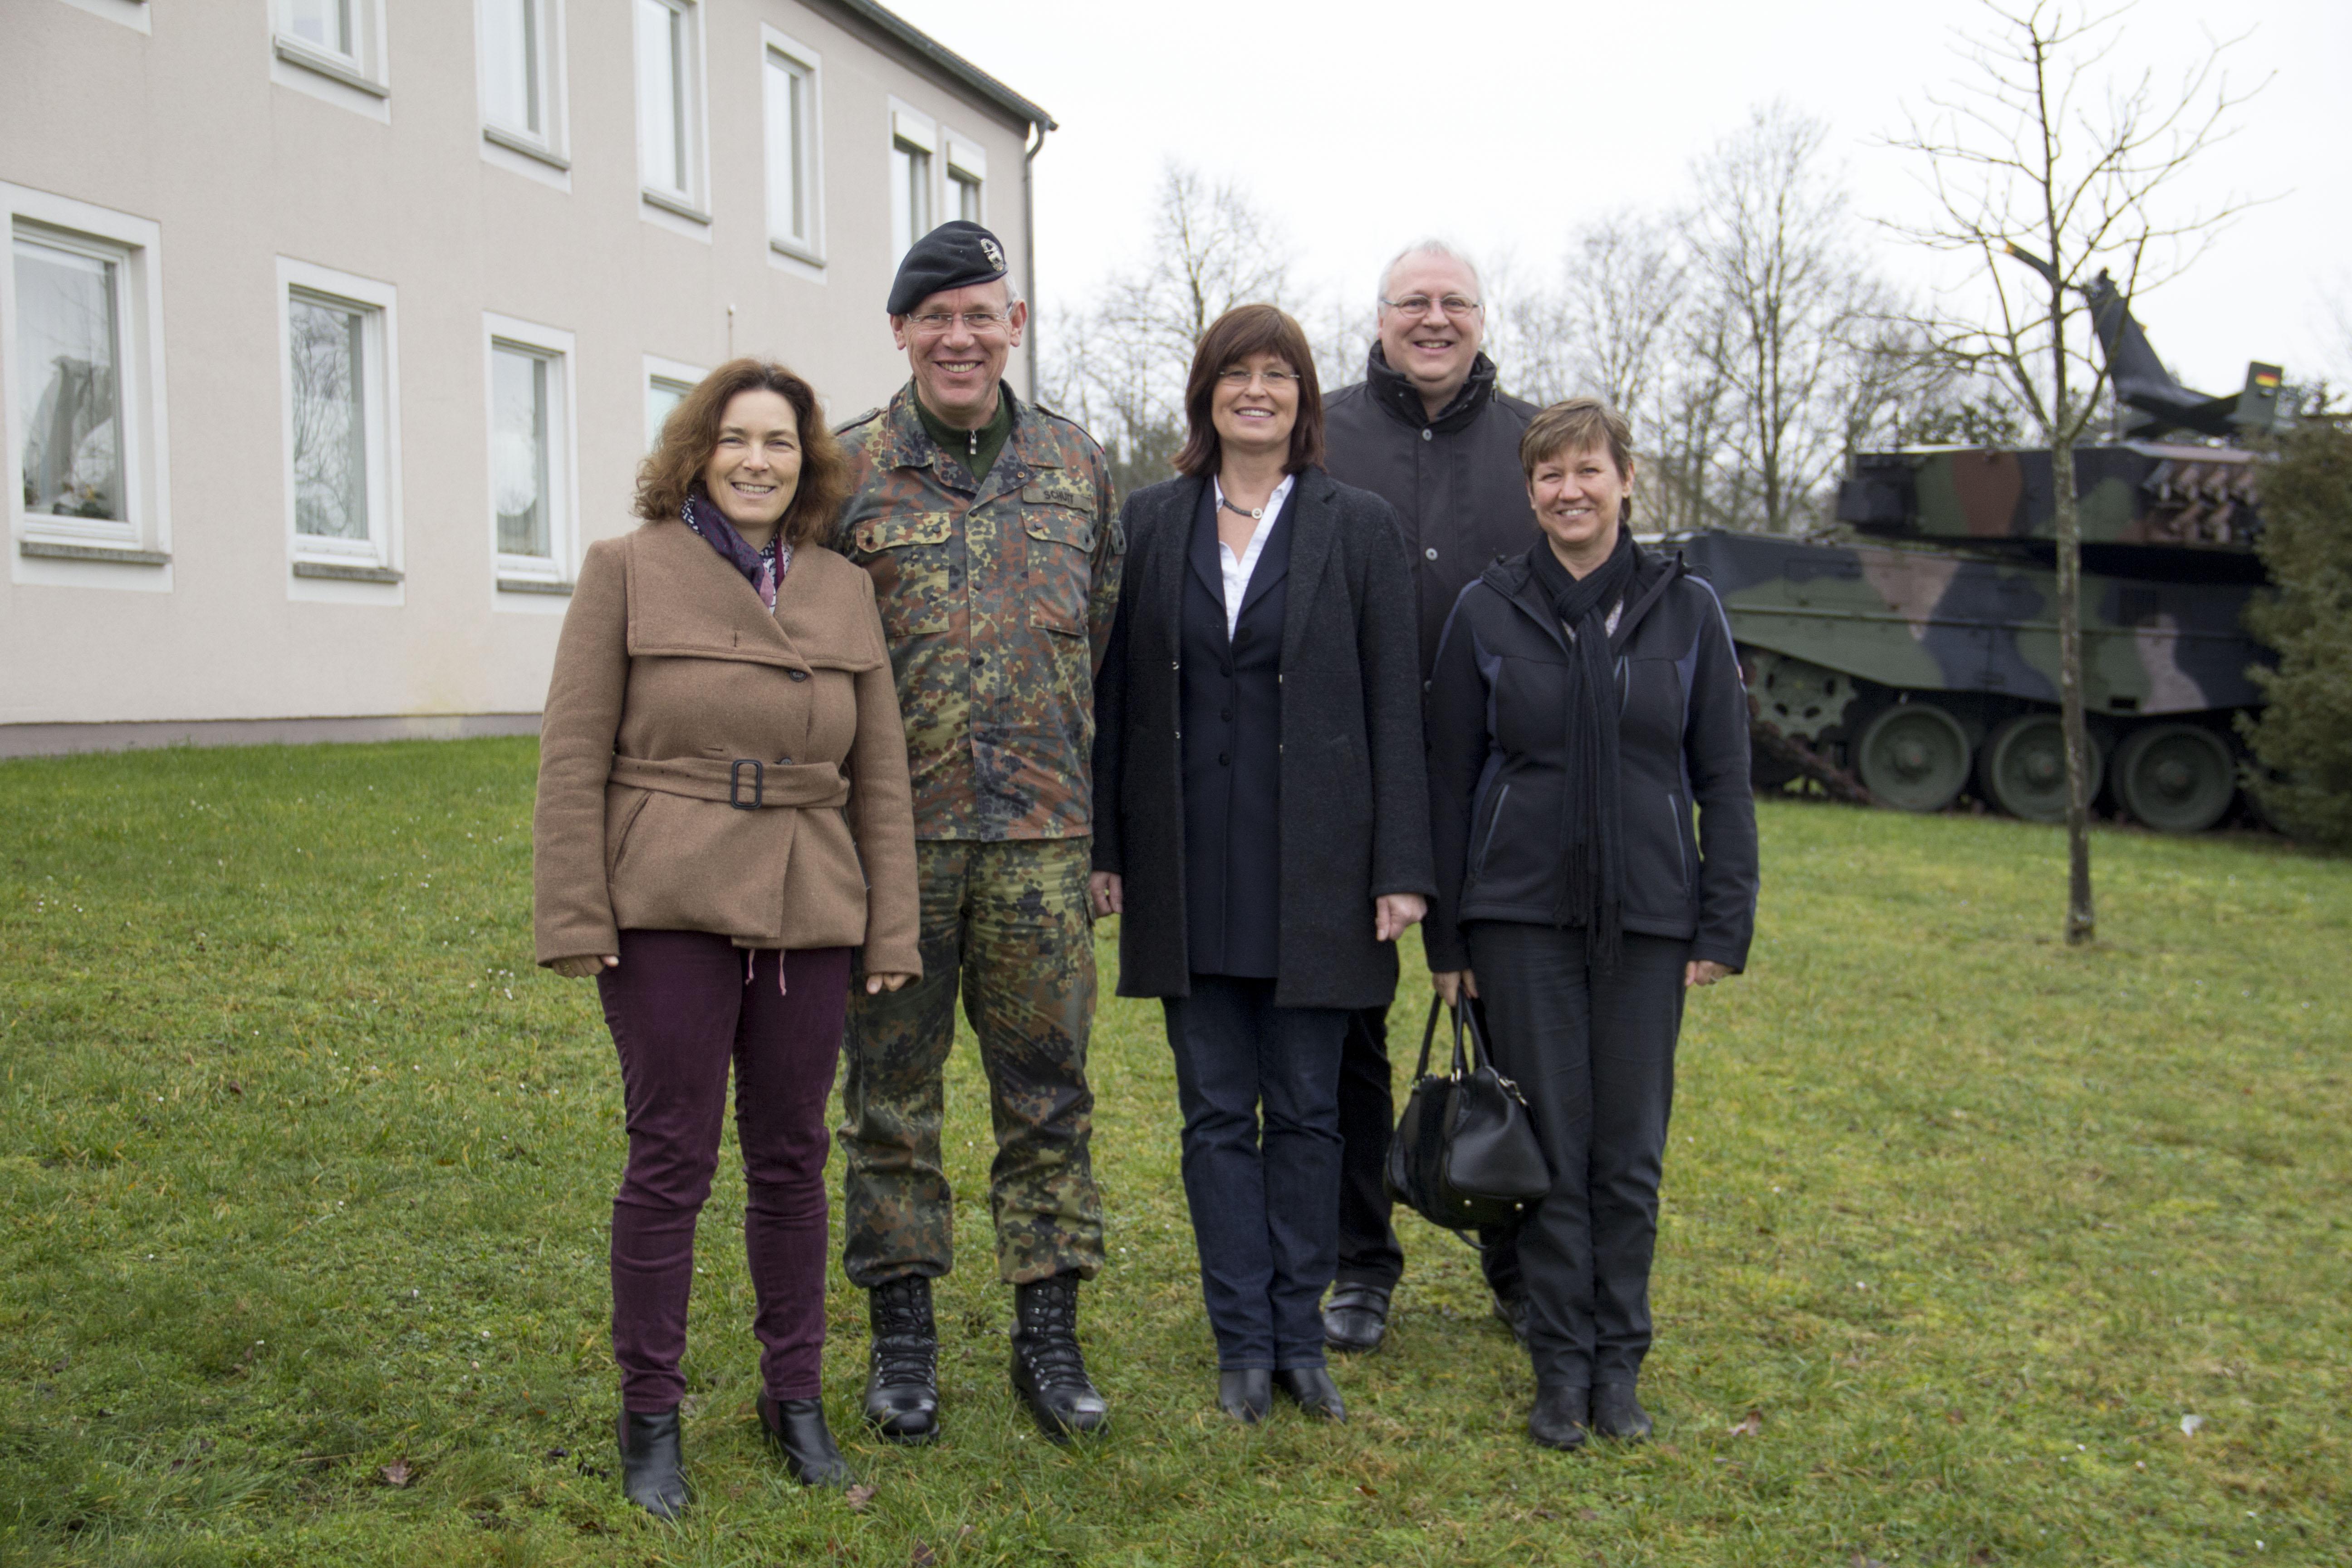 Auf dem Foto von links nach rechts:  MdL Kerstin Celina; Divisionskommandeur Generalmajor Bernd Schütt; Stellvertretende Landrätin Karen Heußner; Gerhard Kraft, Mitarbeiter MdL Celina; Bezirksrätin Bärbel Imhof.